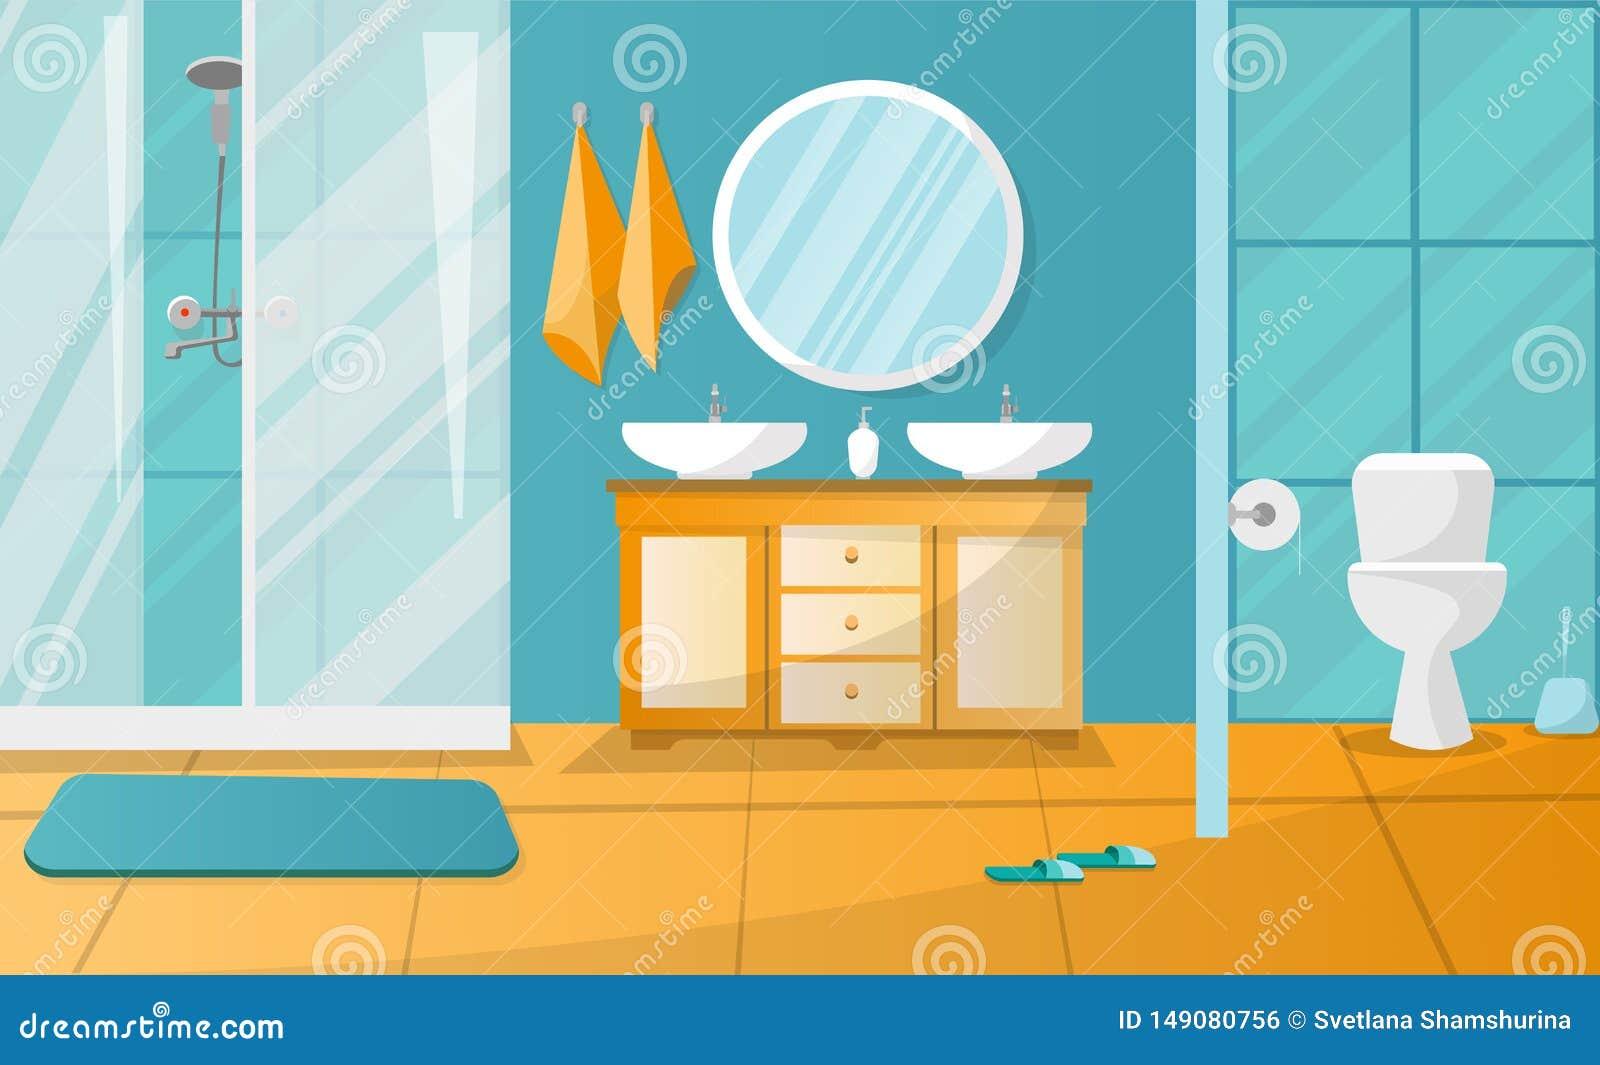 Moderner Badezimmer-Innenraum mit Duschkabine Badezimmerm?bel - Stand mit zwei Wannen, T?cher, Fl?ssigseife, roundl spiegeln, Toi